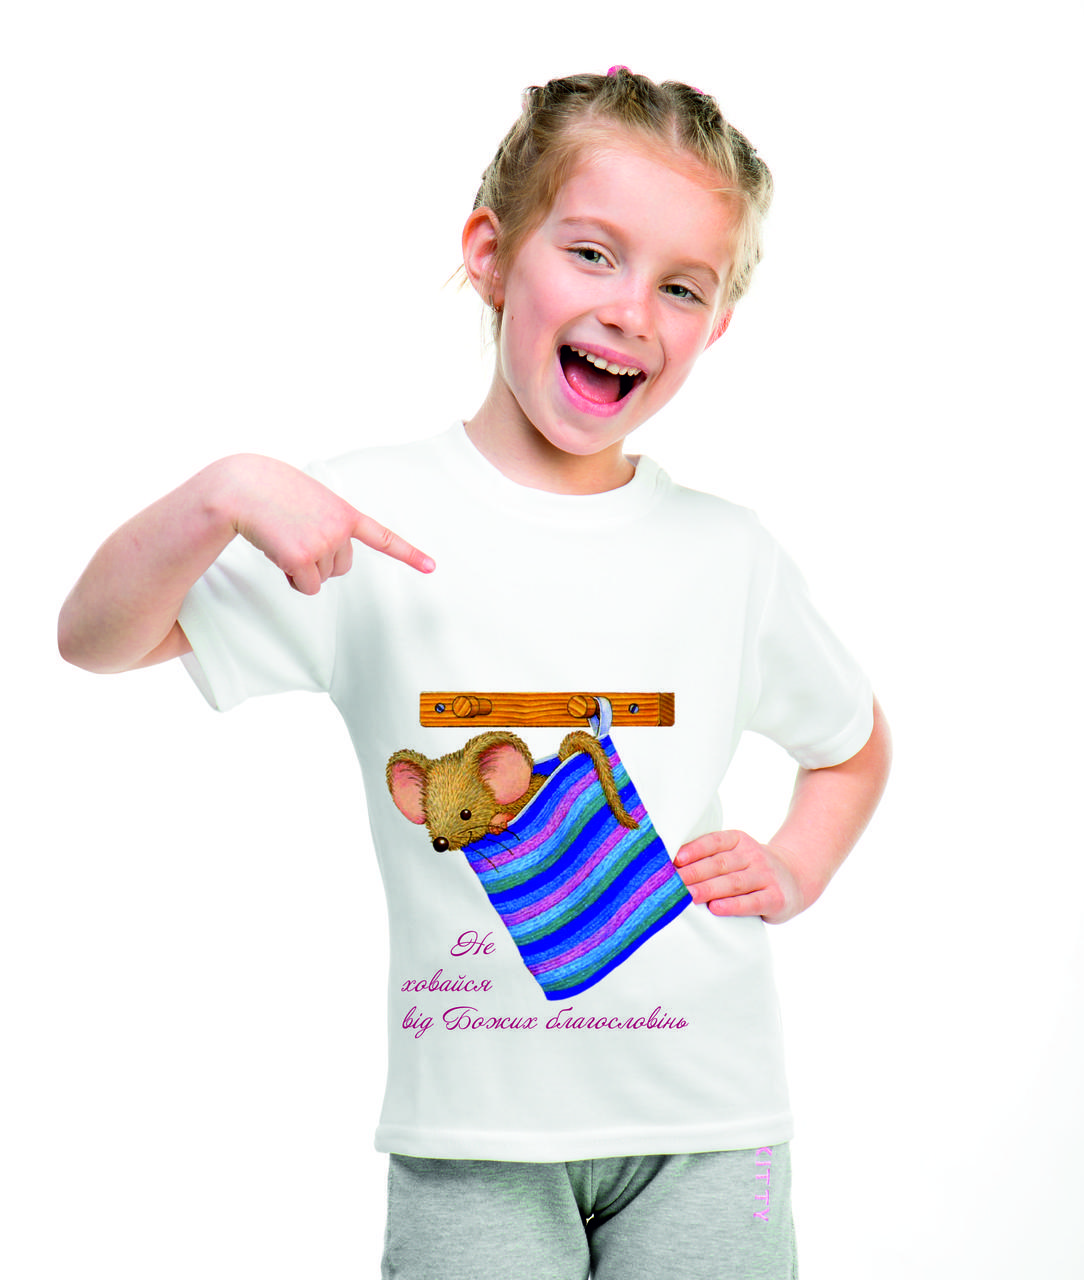 """Дитяча футболка """"Не ховайся від Божих благословінь"""""""